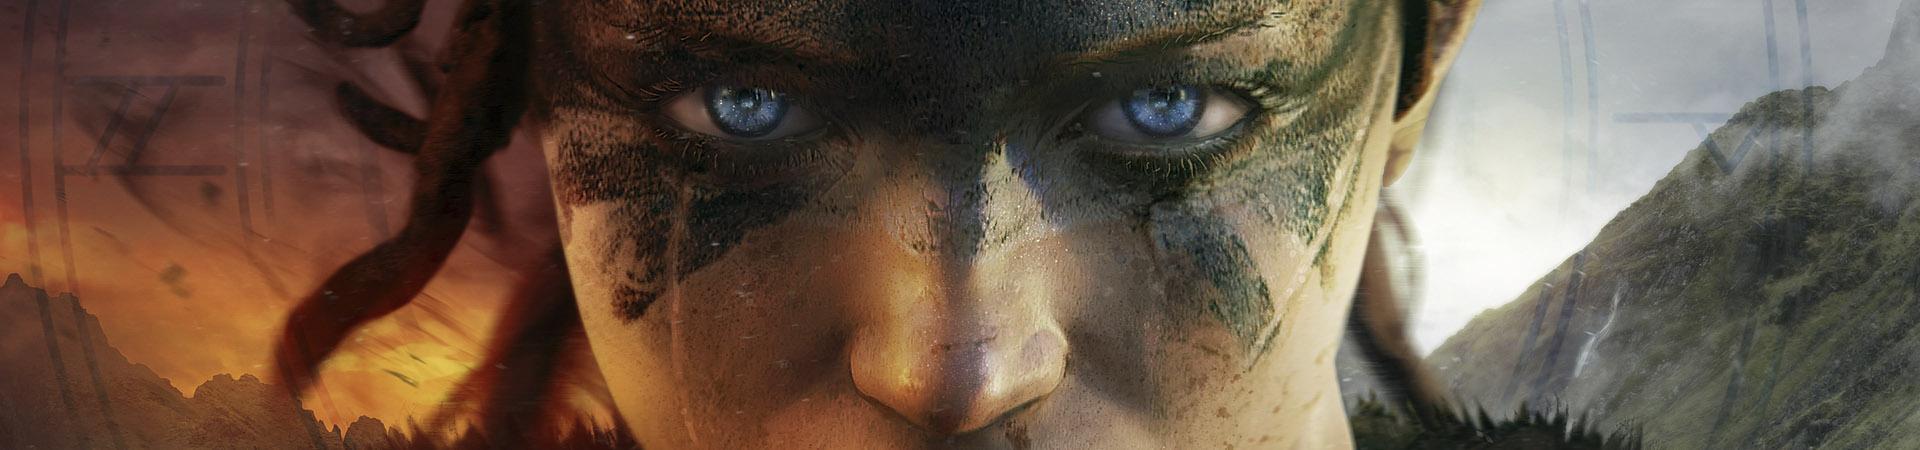 Hellblade se ve de infarto gracias a Unreal Engine 4